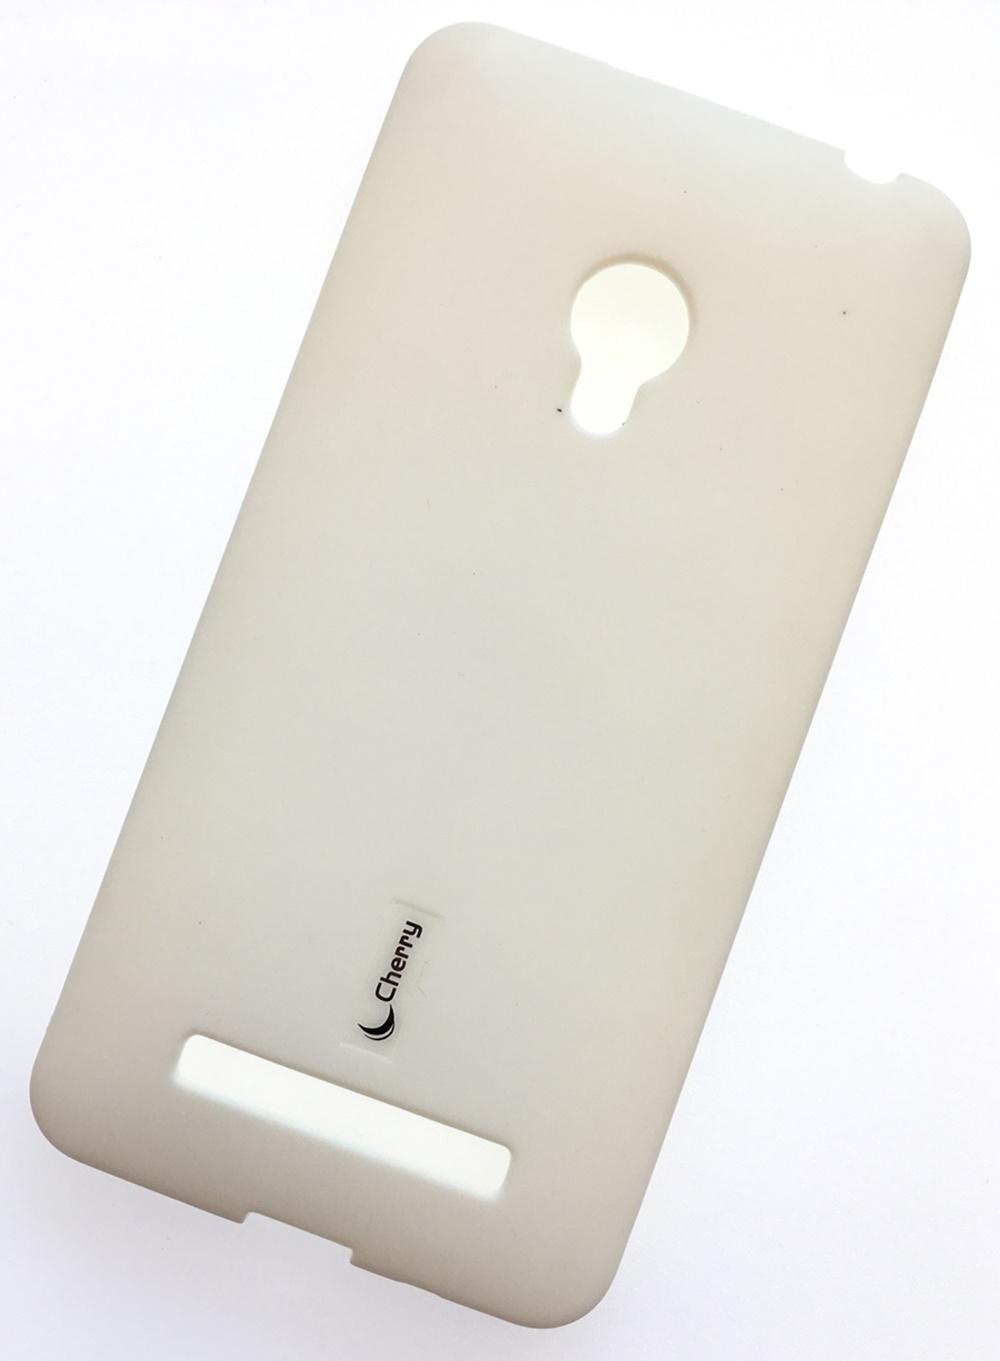 цена на Чехол для сотового телефона Cherry Asus Zenfone 5/A500KL Накладка резиновая с пленкой на экран, белый